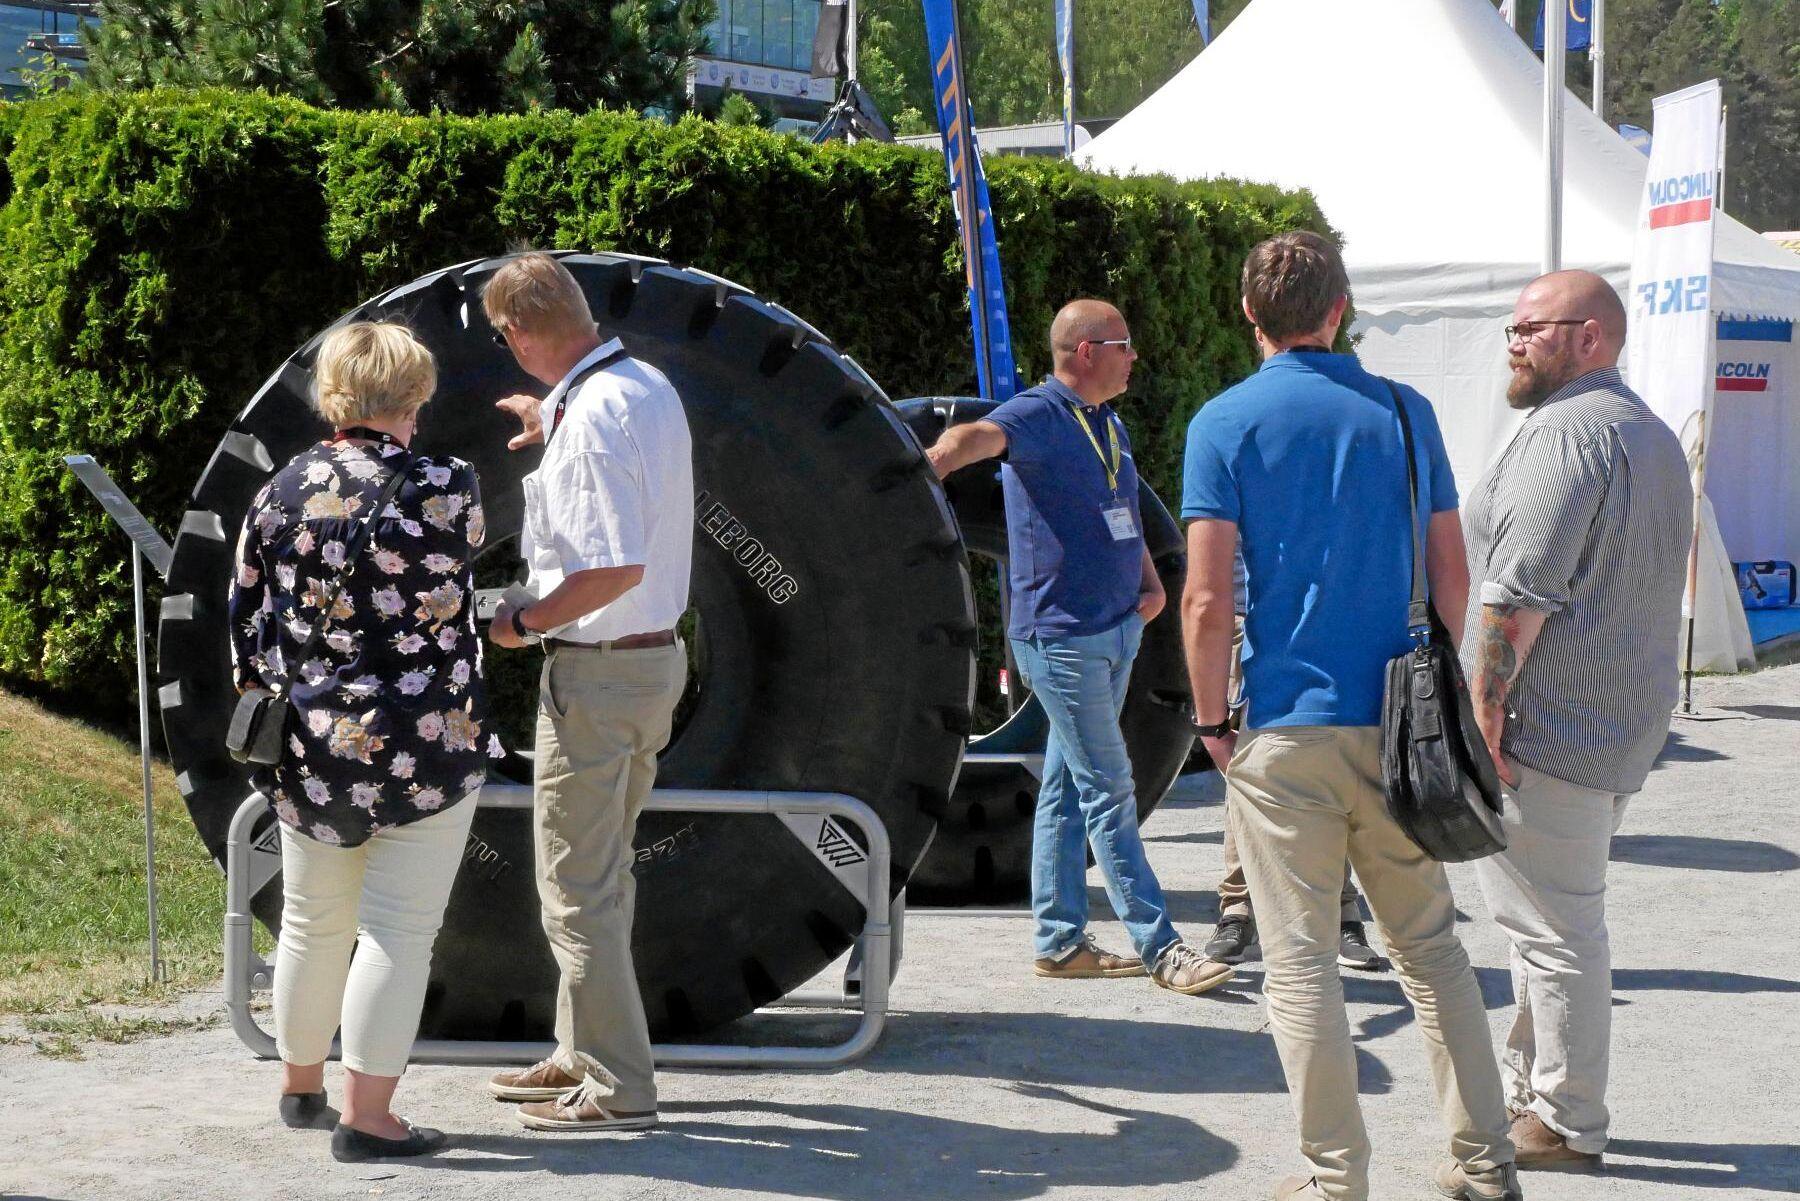 Att klämma på däck var populärt.